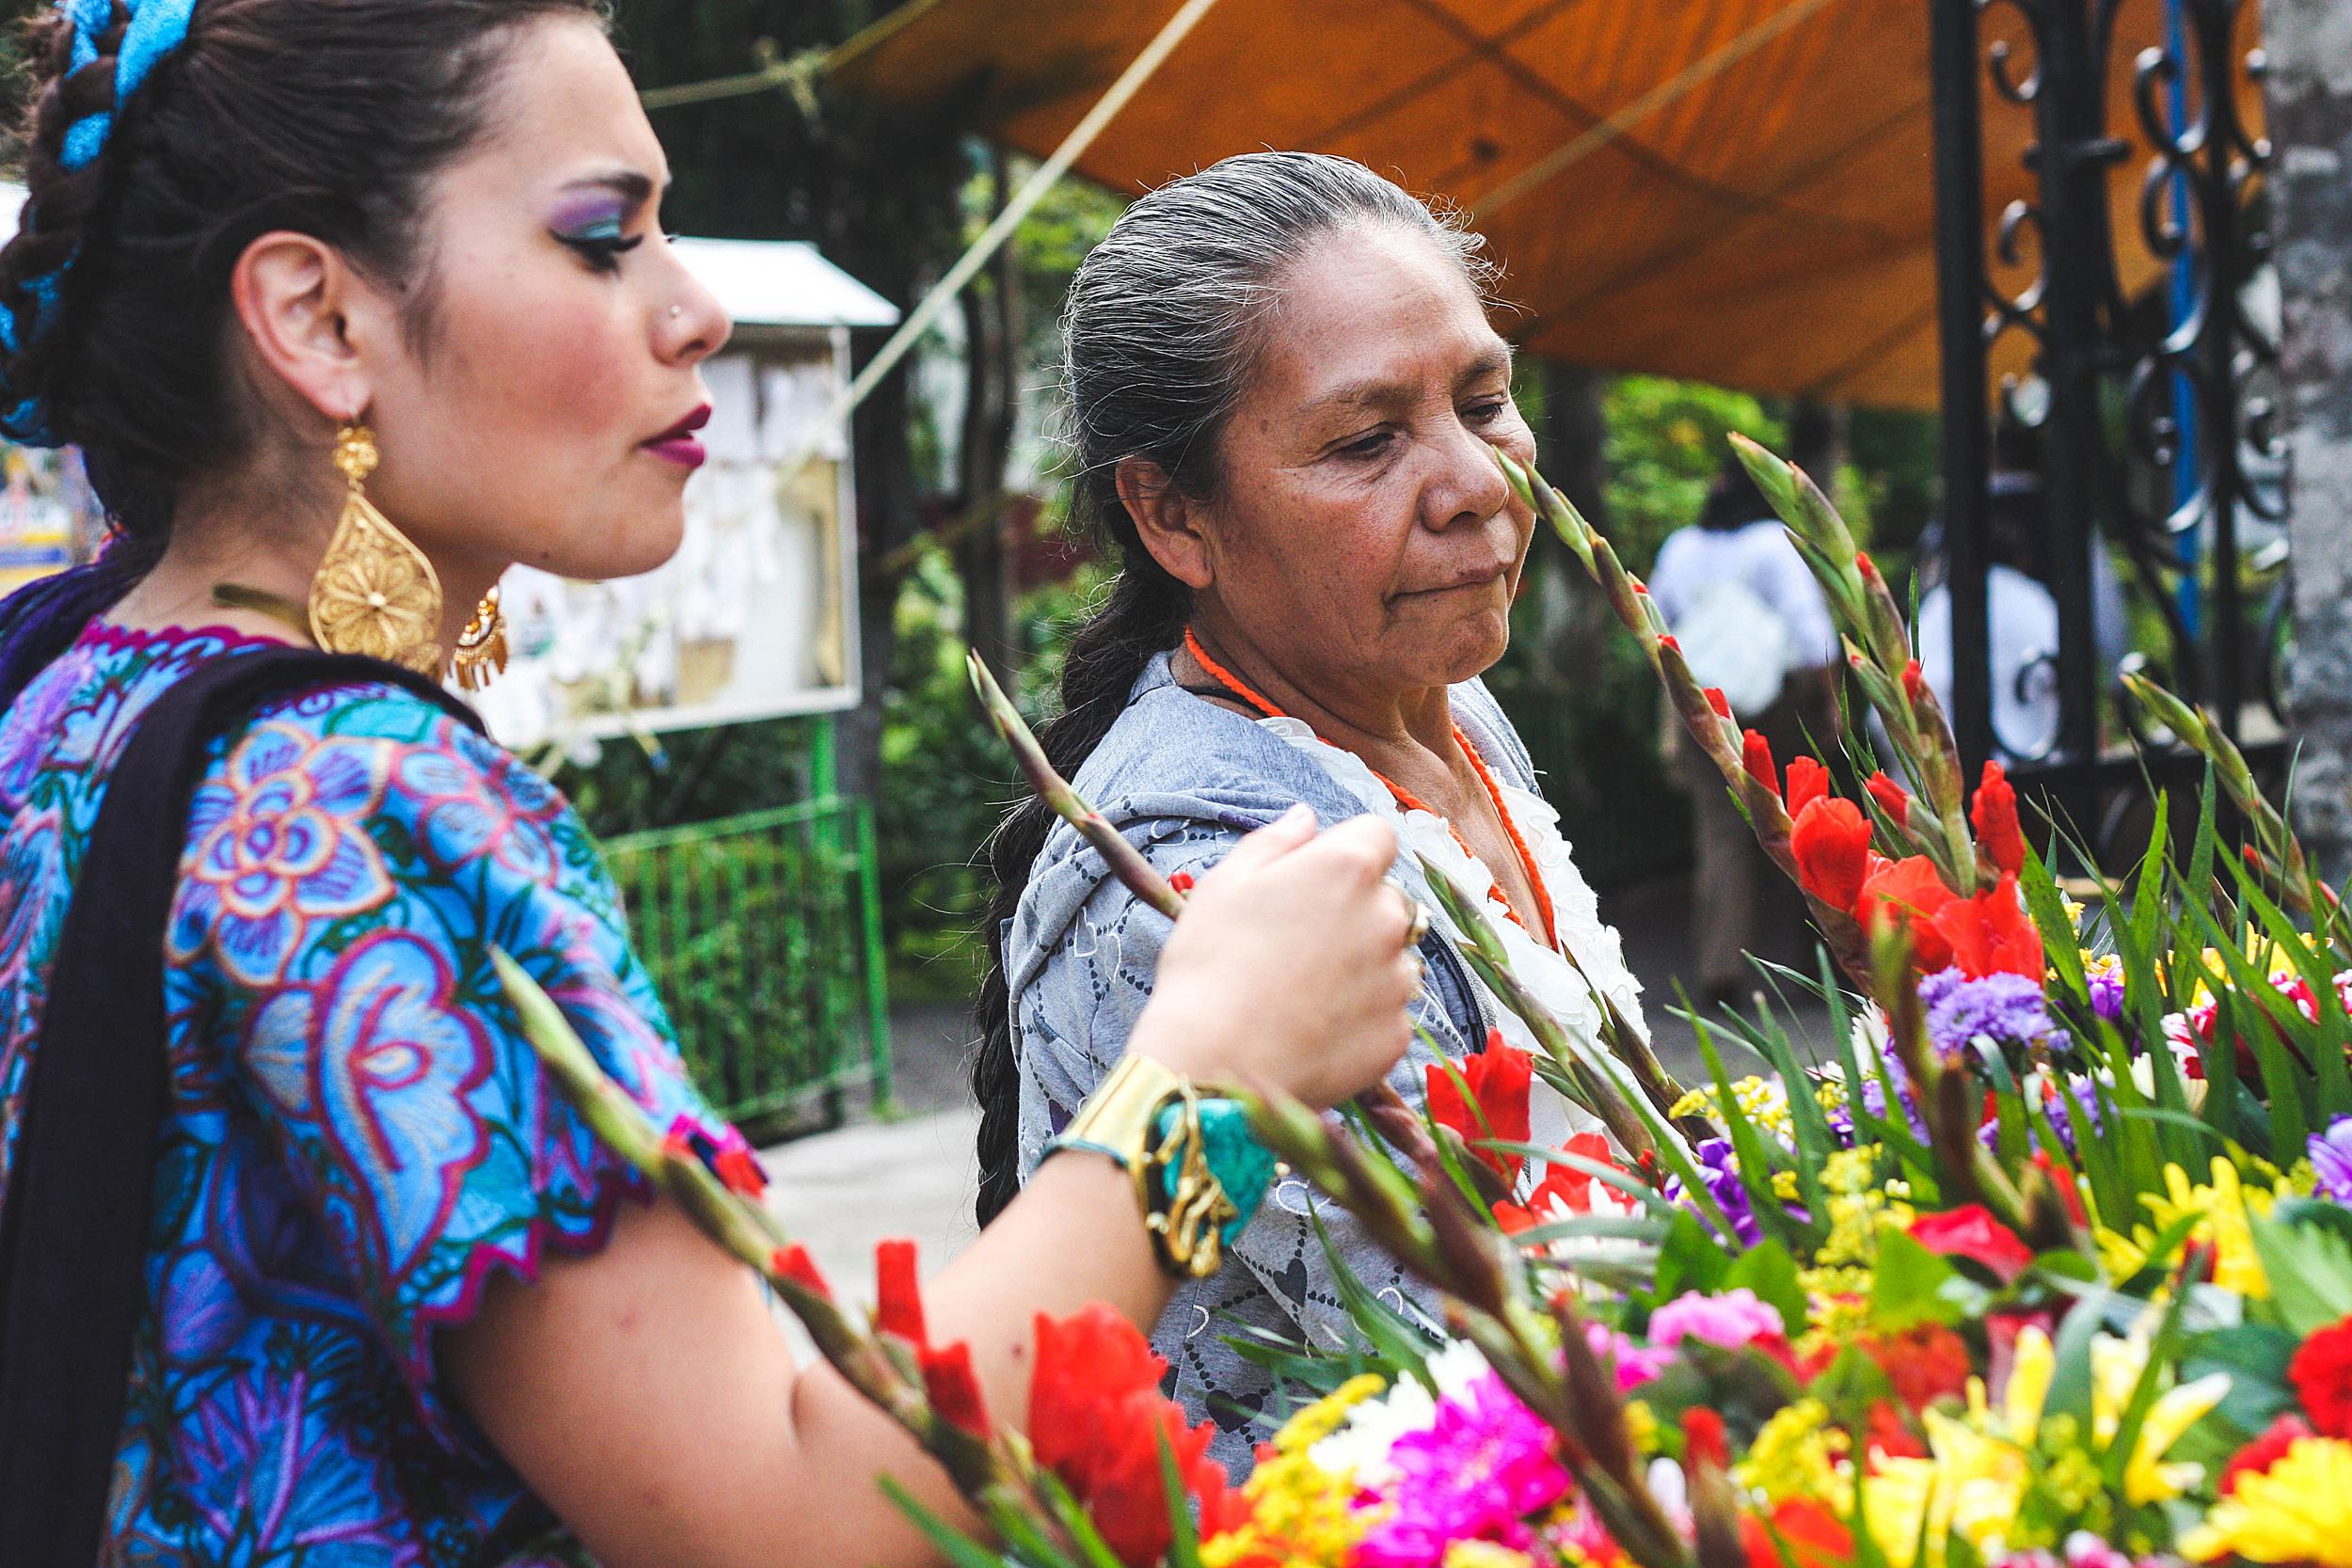 Last minute bloemen kopen op de markt. Mexicanen en organisatie, duidelijk geen match made in heaven... ;-)